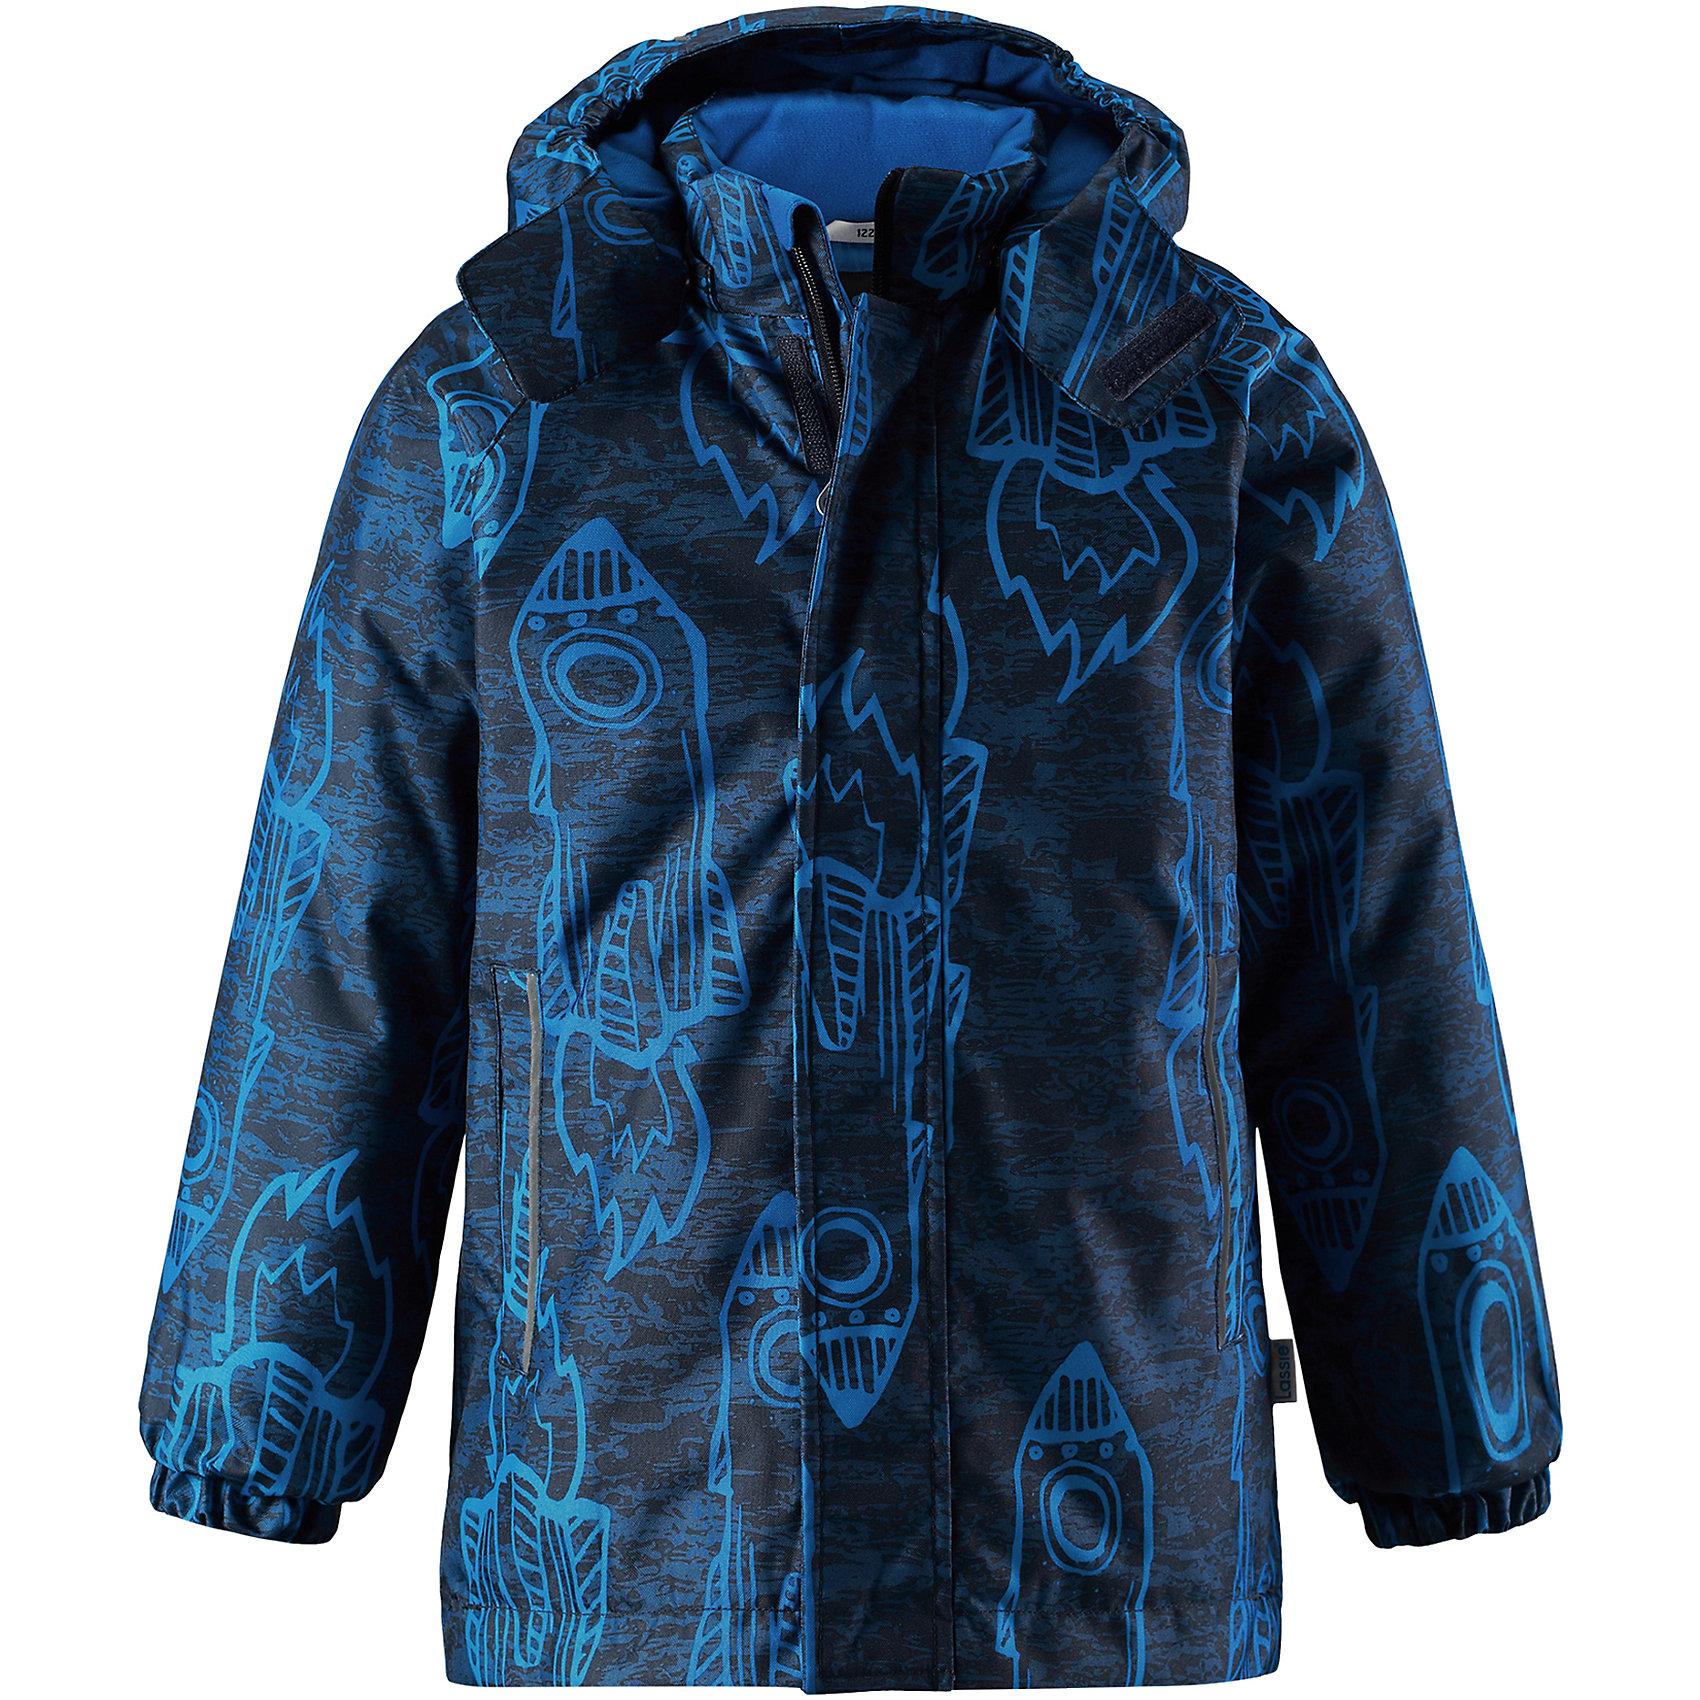 Куртка Lassie для мальчикаОдежда<br>Детская зимняя куртка с ярким рисунком очень стильно выглядит. Куртка изготовлена из ветронепроницаемого, дышащего материала с верхним водо- и грязеотталкивающим слоем, поэтому вашему ребенку будет тепло и удобно во время веселых игр. Съемный капюшон и светоотражающие элементы на обоих рукавах обеспечивают дополнительную безопасность во время прогулок на свежем воздухе. Регулируемый подол позволяет откорректировать куртку идеально по фигуре и не пропускает холодный воздух. Храните все маленькие сокровища в прорезных карманах – они будут в целости и сохранности!<br>Состав:<br>100% Полиэстер<br><br>Ширина мм: 356<br>Глубина мм: 10<br>Высота мм: 245<br>Вес г: 519<br>Цвет: синий<br>Возраст от месяцев: 18<br>Возраст до месяцев: 24<br>Пол: Мужской<br>Возраст: Детский<br>Размер: 92,140,134,128,122,116,110,104,98<br>SKU: 6927511